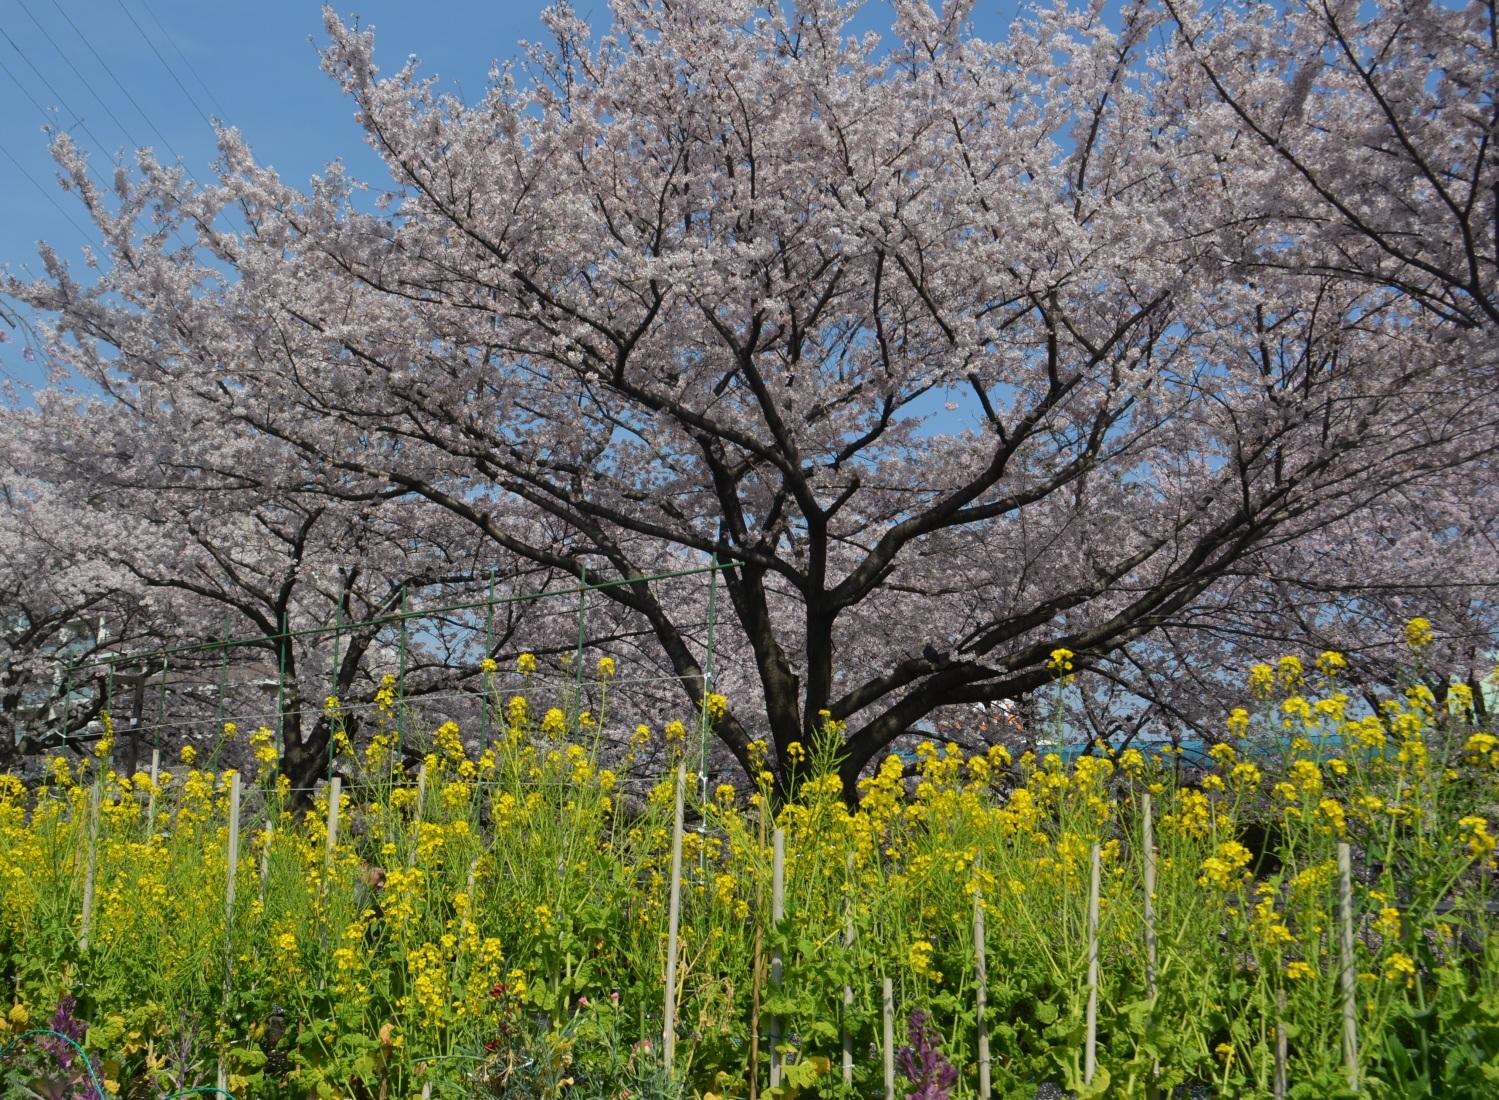 1 사쿠라바나와 유채꽃 2 꽃잎으로 노는 오리 3 헬윙기아로 노는 오리